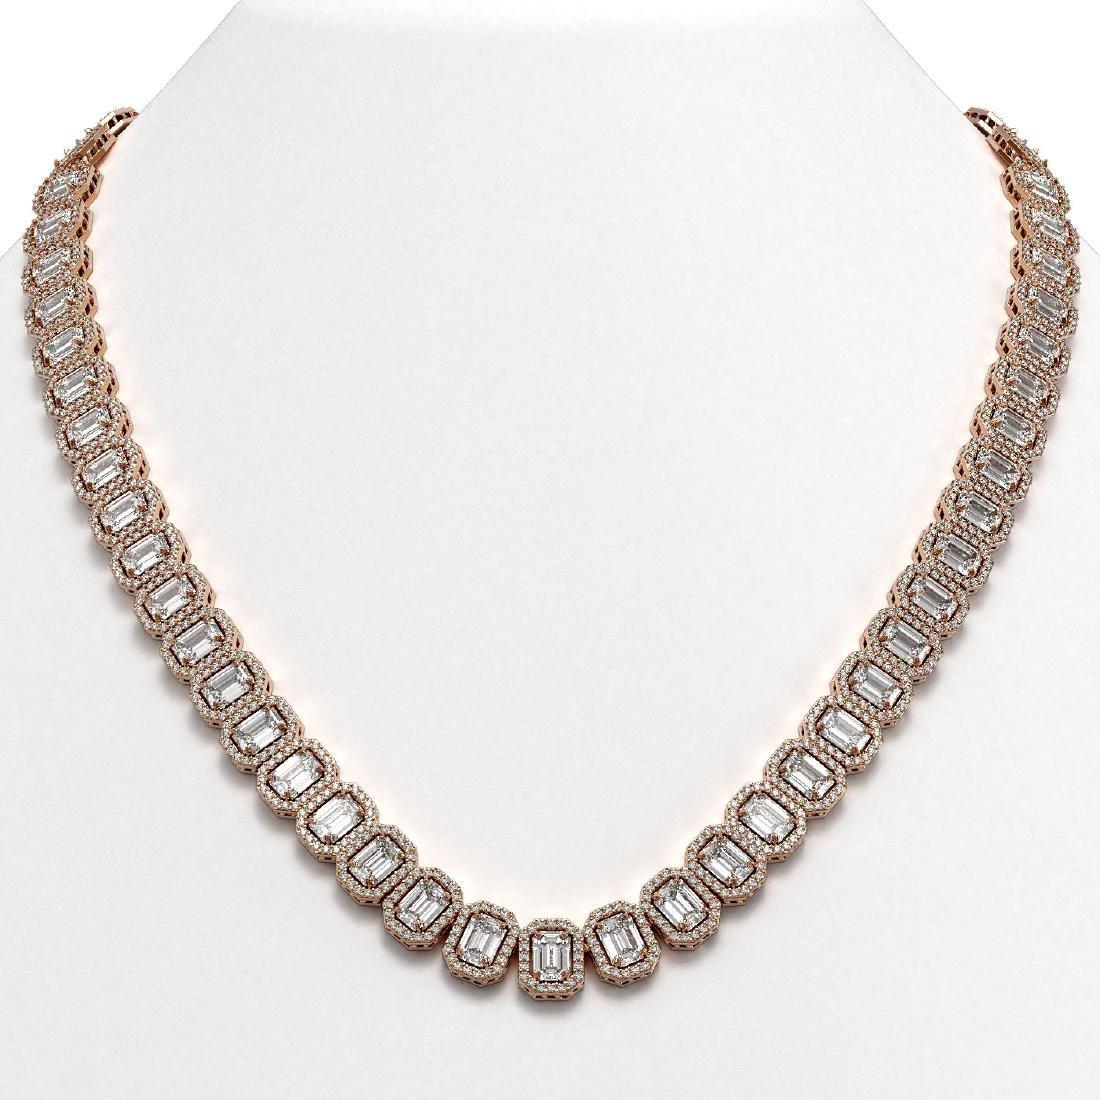 40.3 CTW Emerald Cut Diamond Designer Necklace 18K Rose